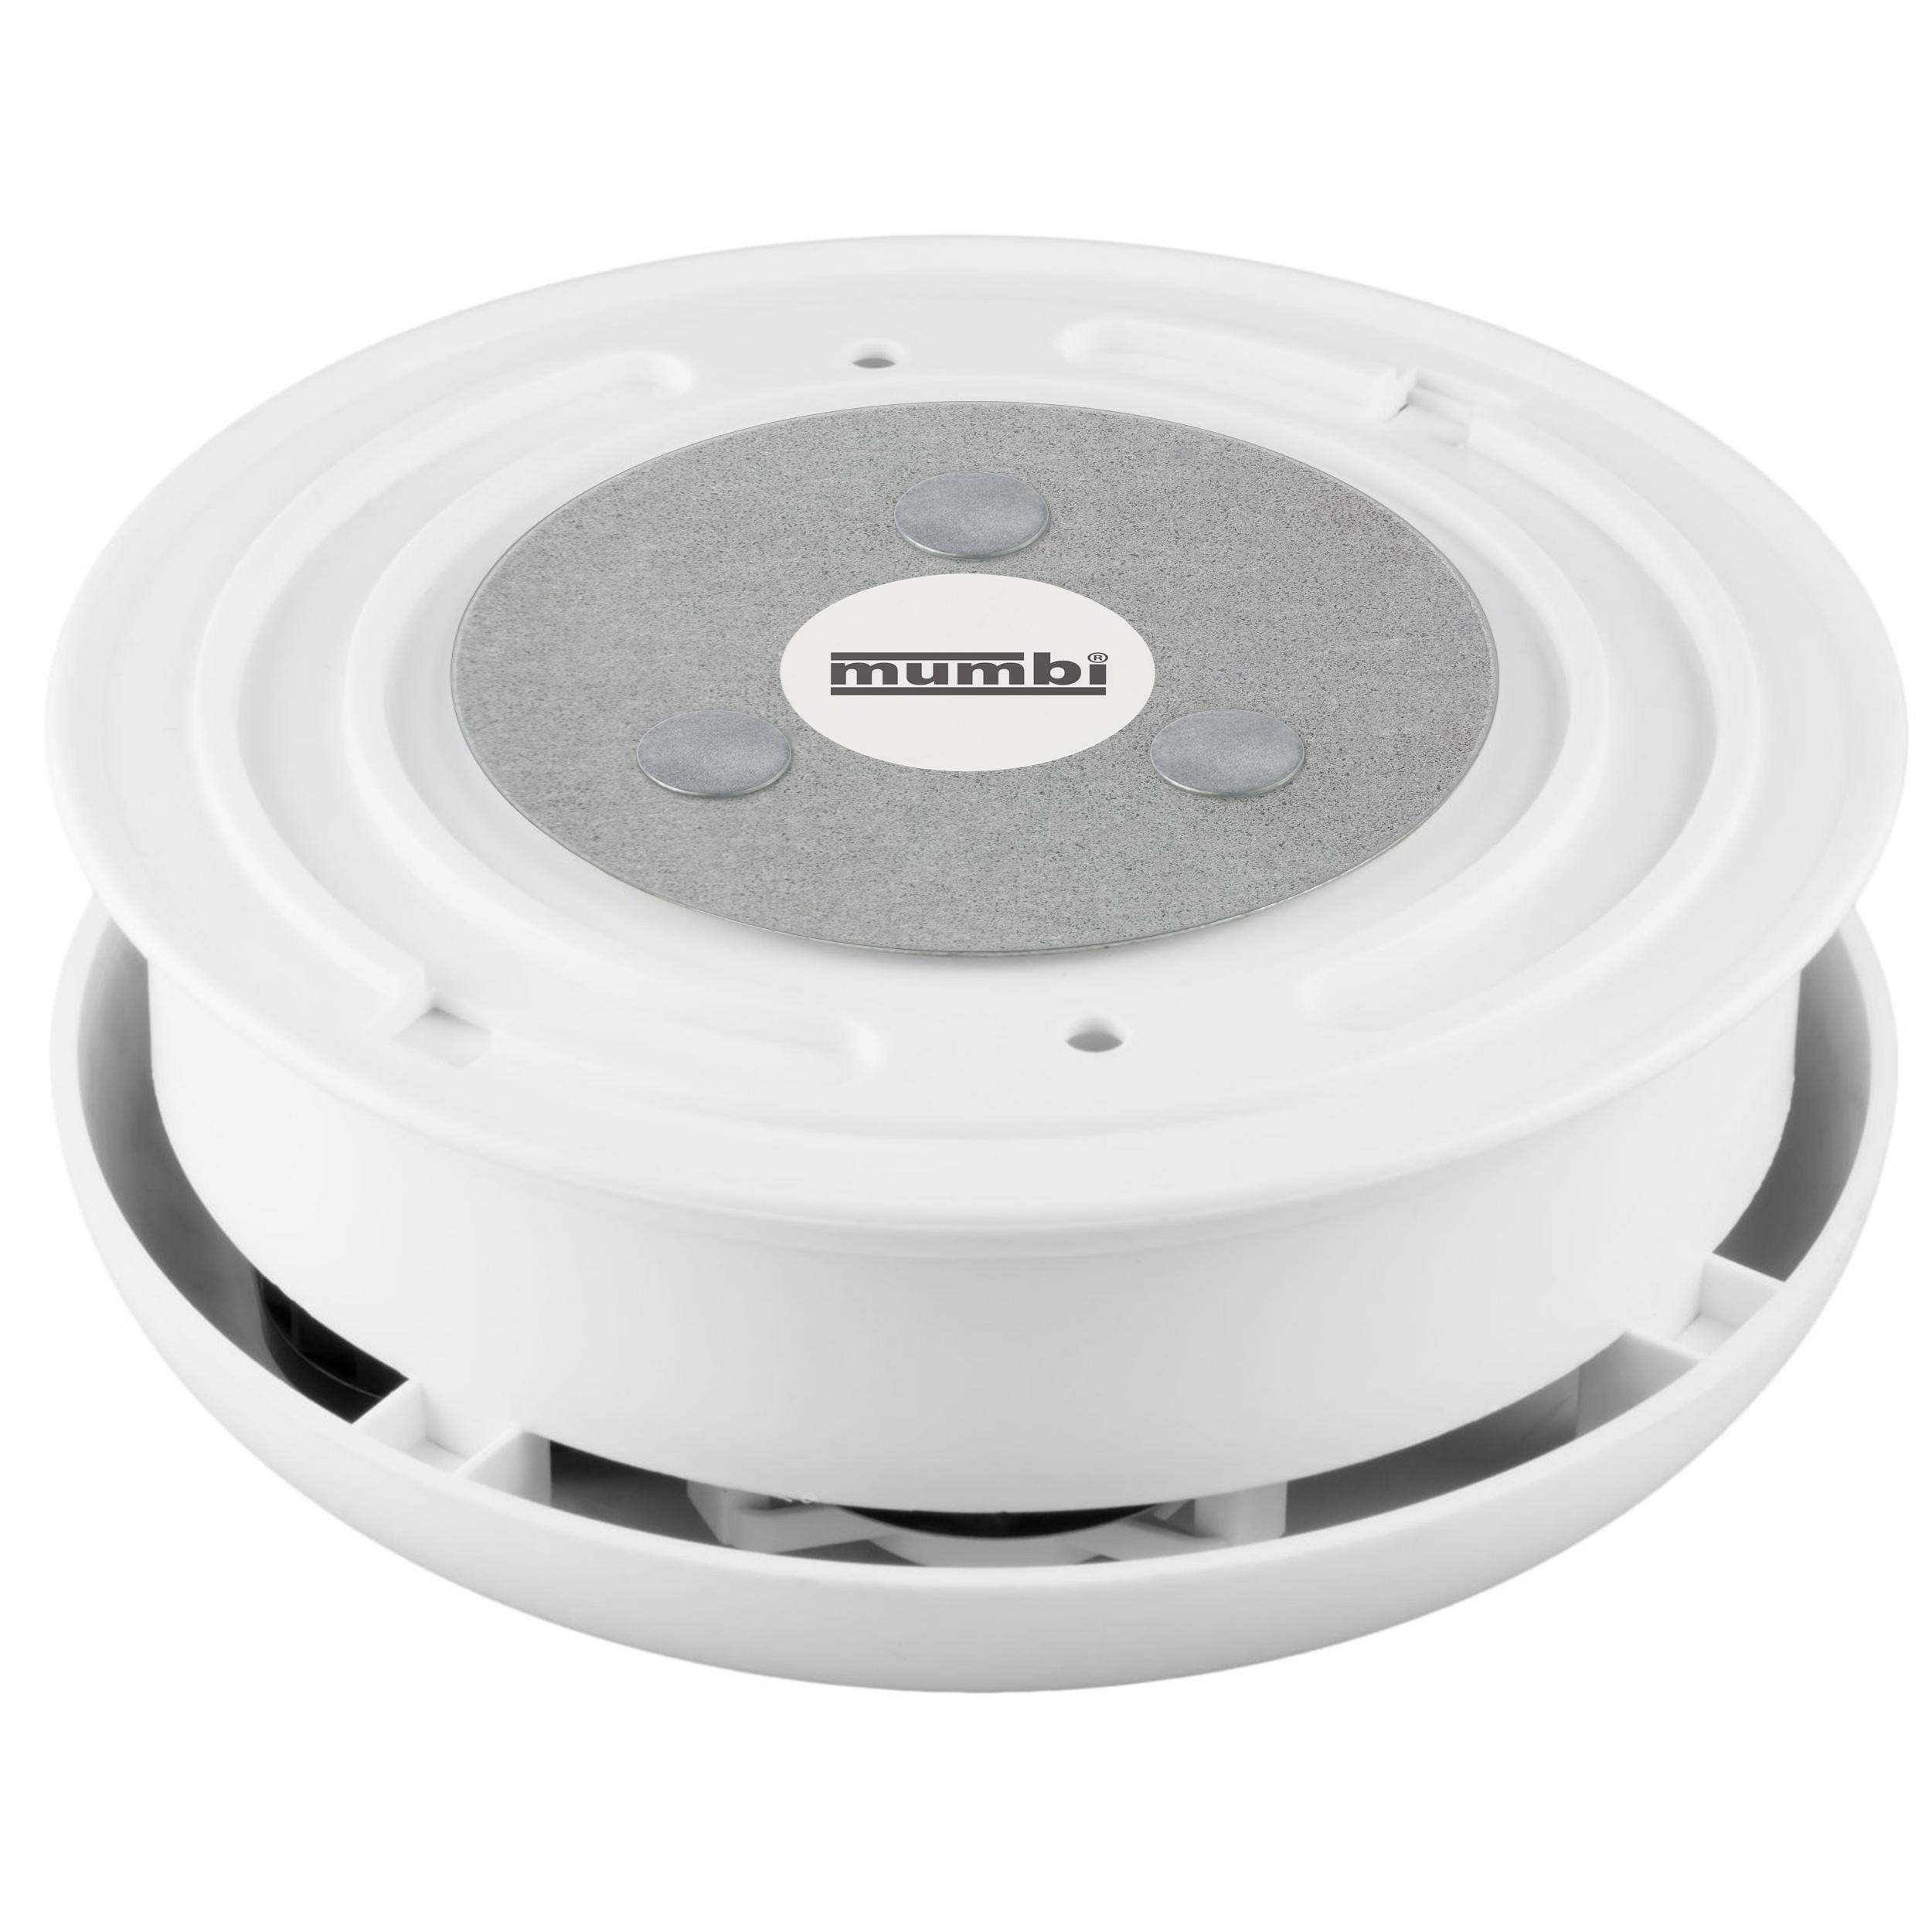 mumbi 2x magnetbefestigung magnethalterung magnet halterung f r rauchmelder ebay. Black Bedroom Furniture Sets. Home Design Ideas